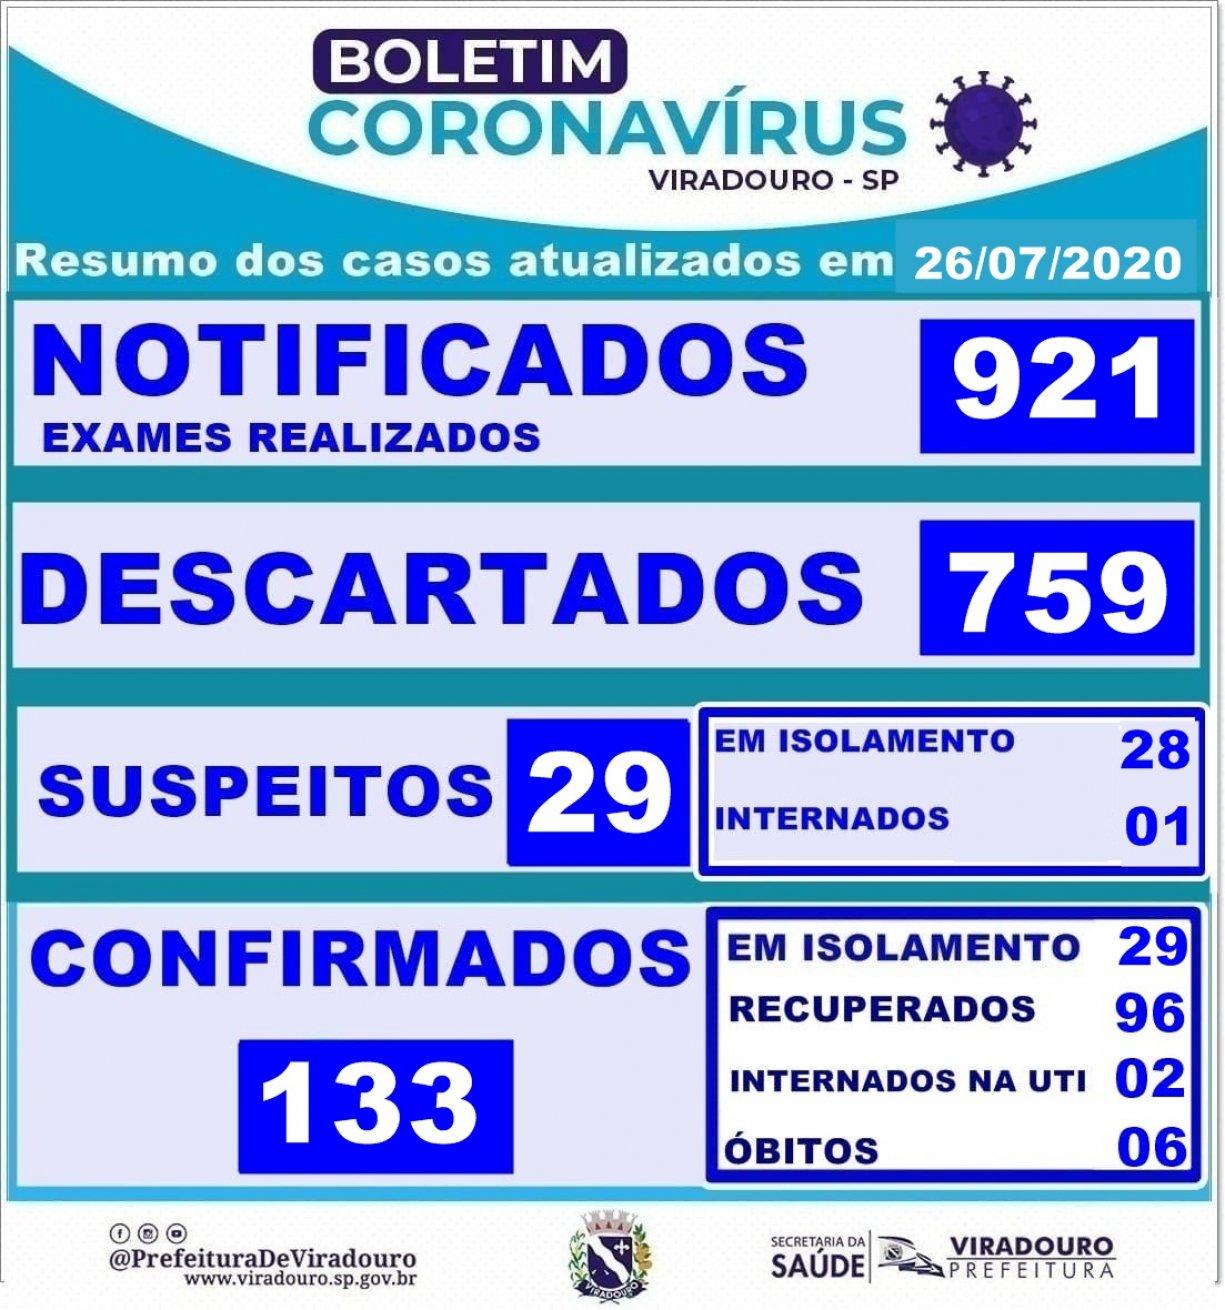 Boletim Epidemiológico Viradouro (Atualização 26/07/2020)